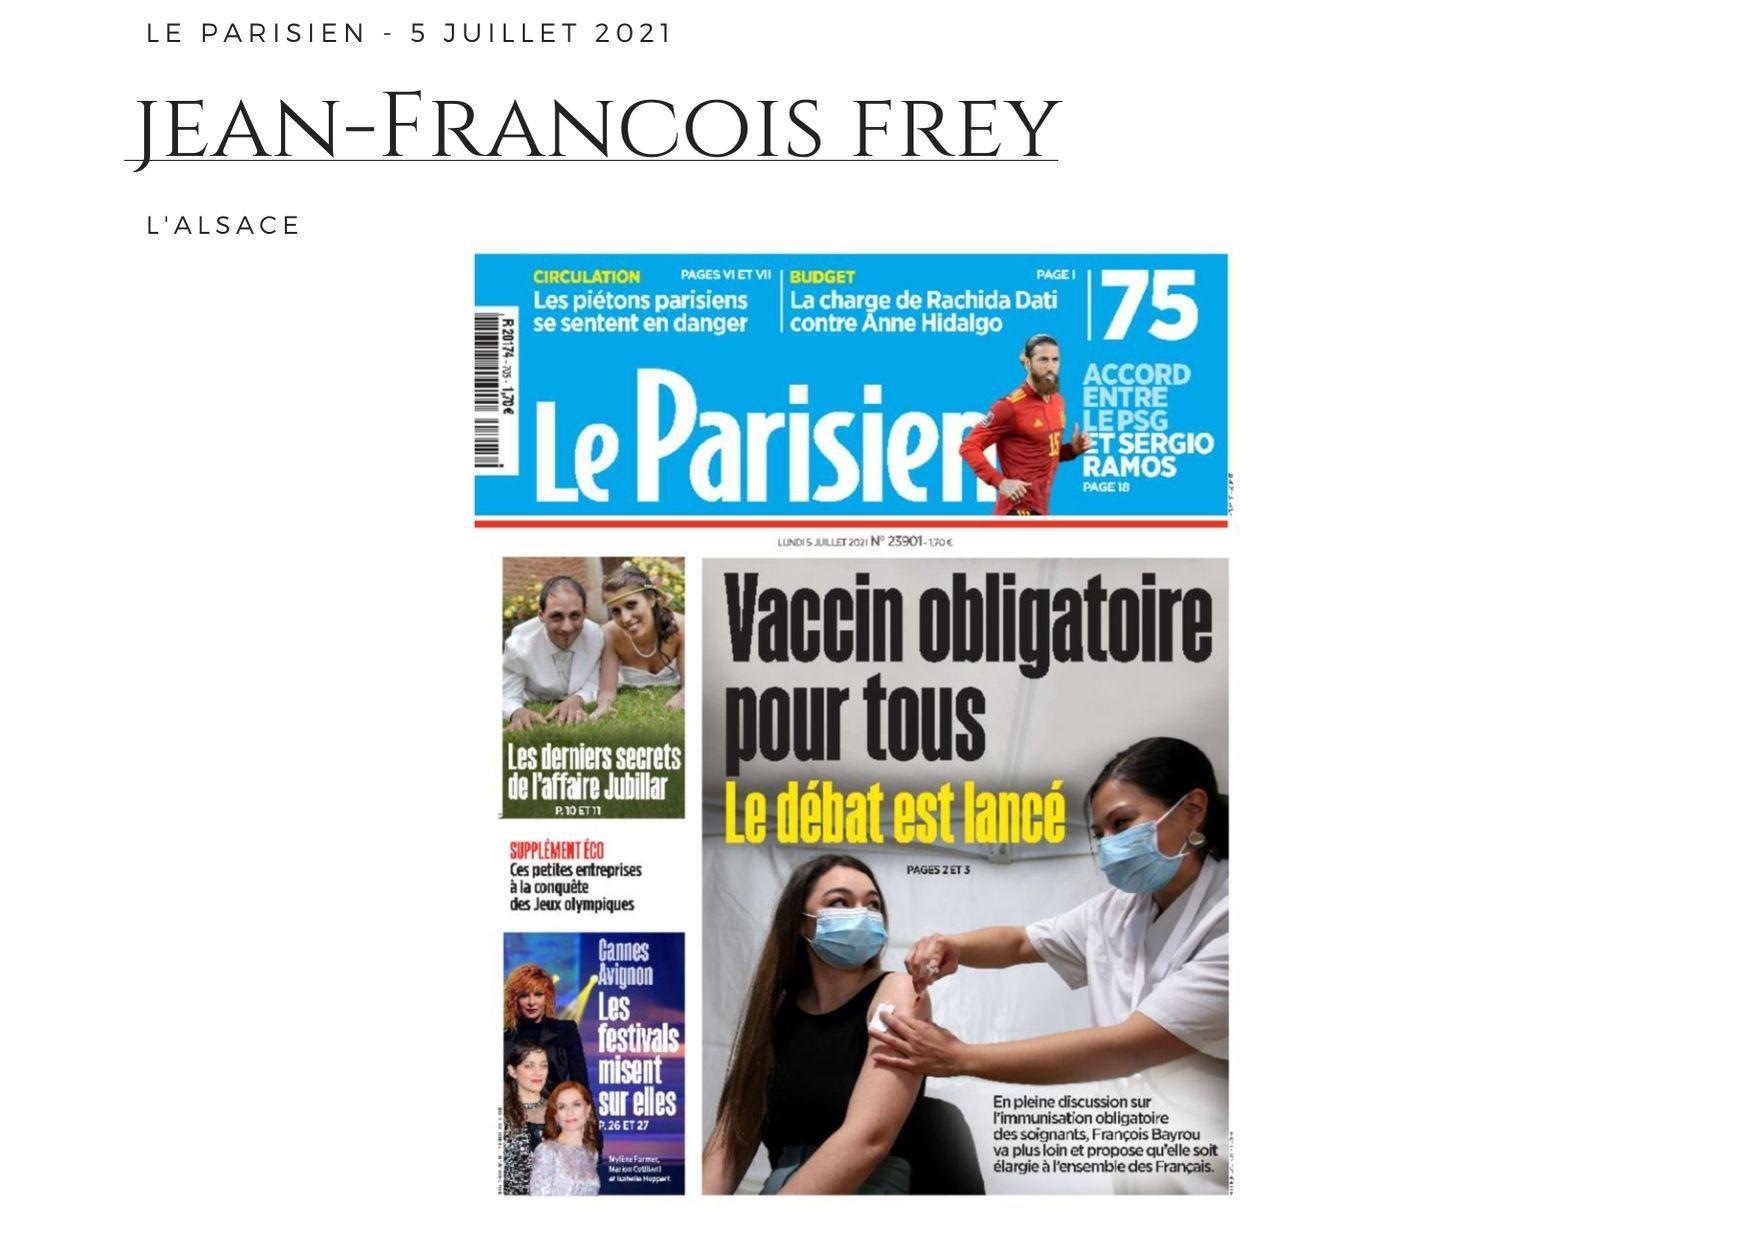 Le Parisien - 5 juillet 2021